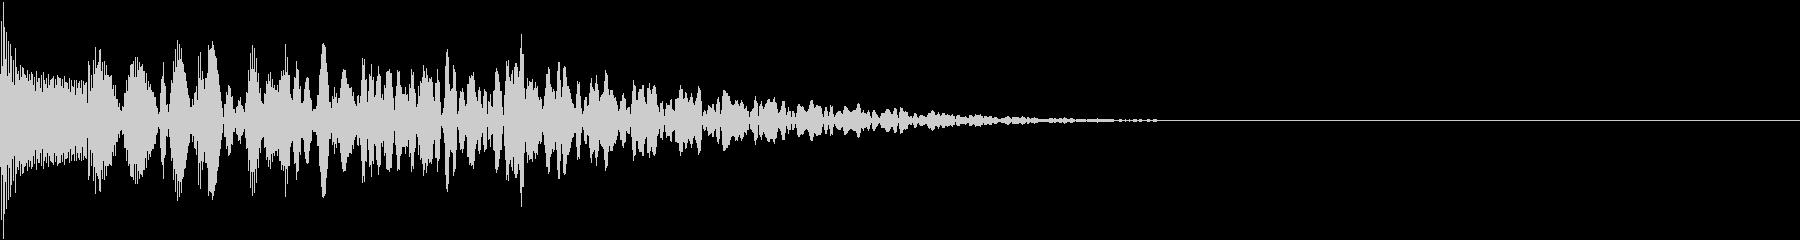 ピ↓ロロ↑(木琴スライド)低い→高いの未再生の波形